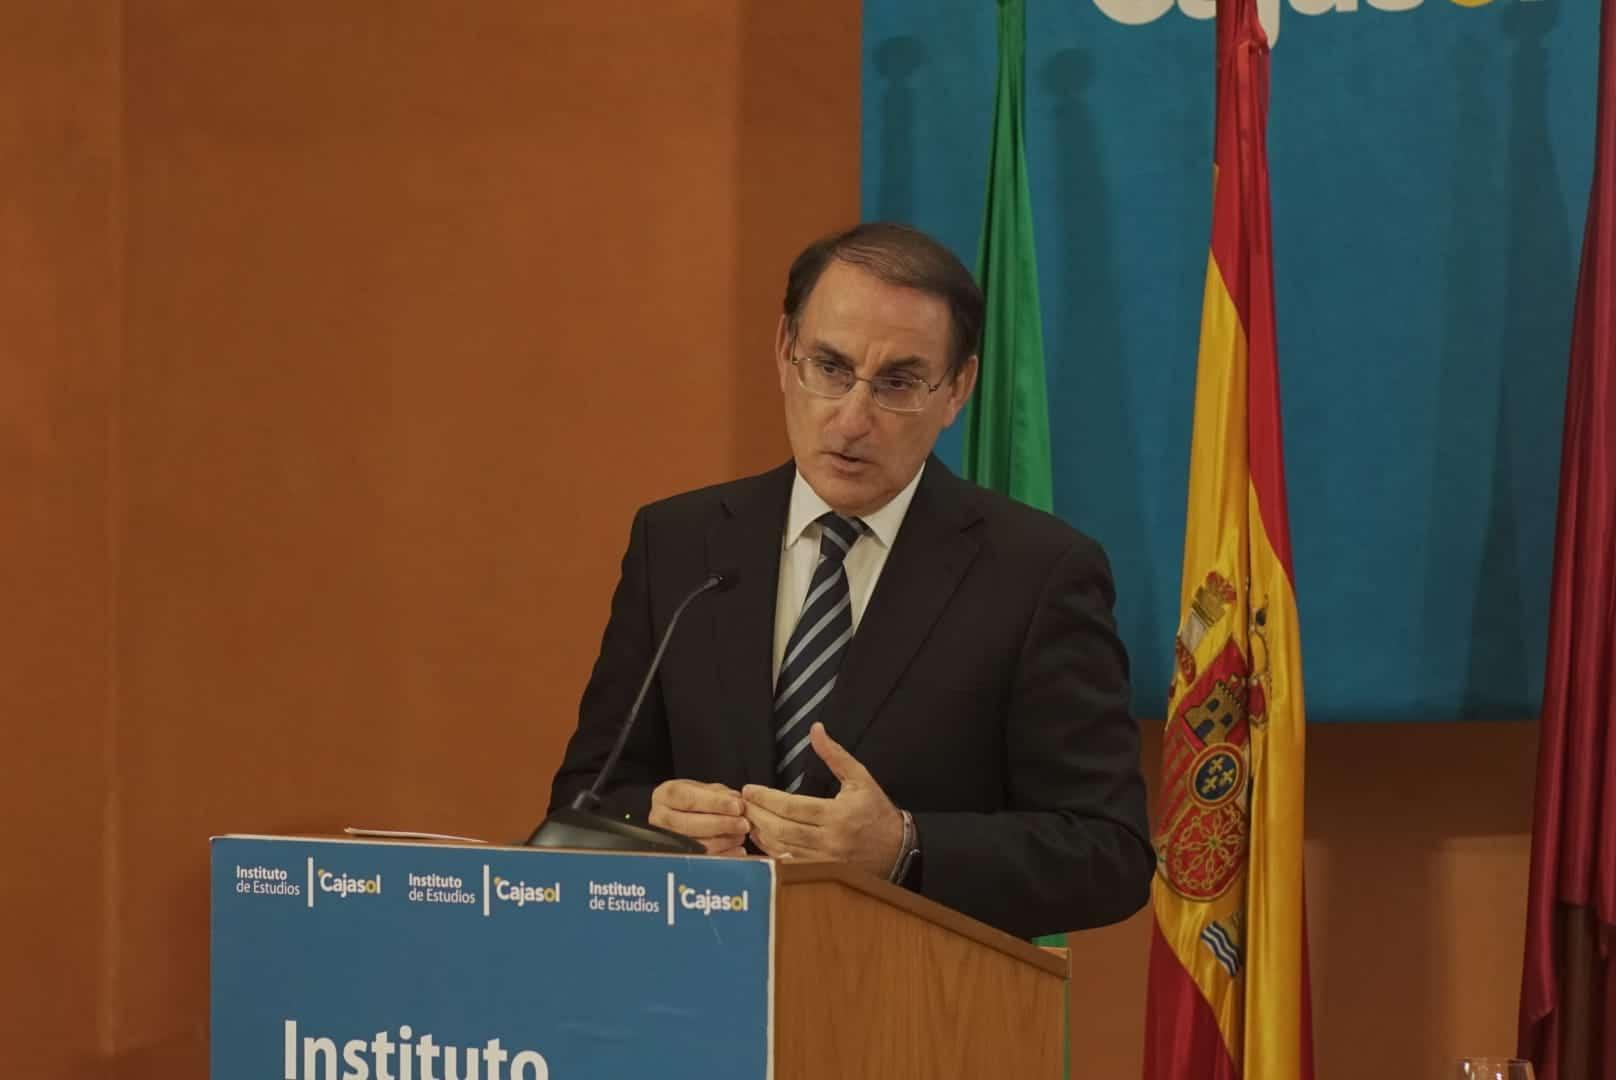 Javier González de Lara, en la inauguración del curso 2019-2020 del Instituto de Estudios Cajasol